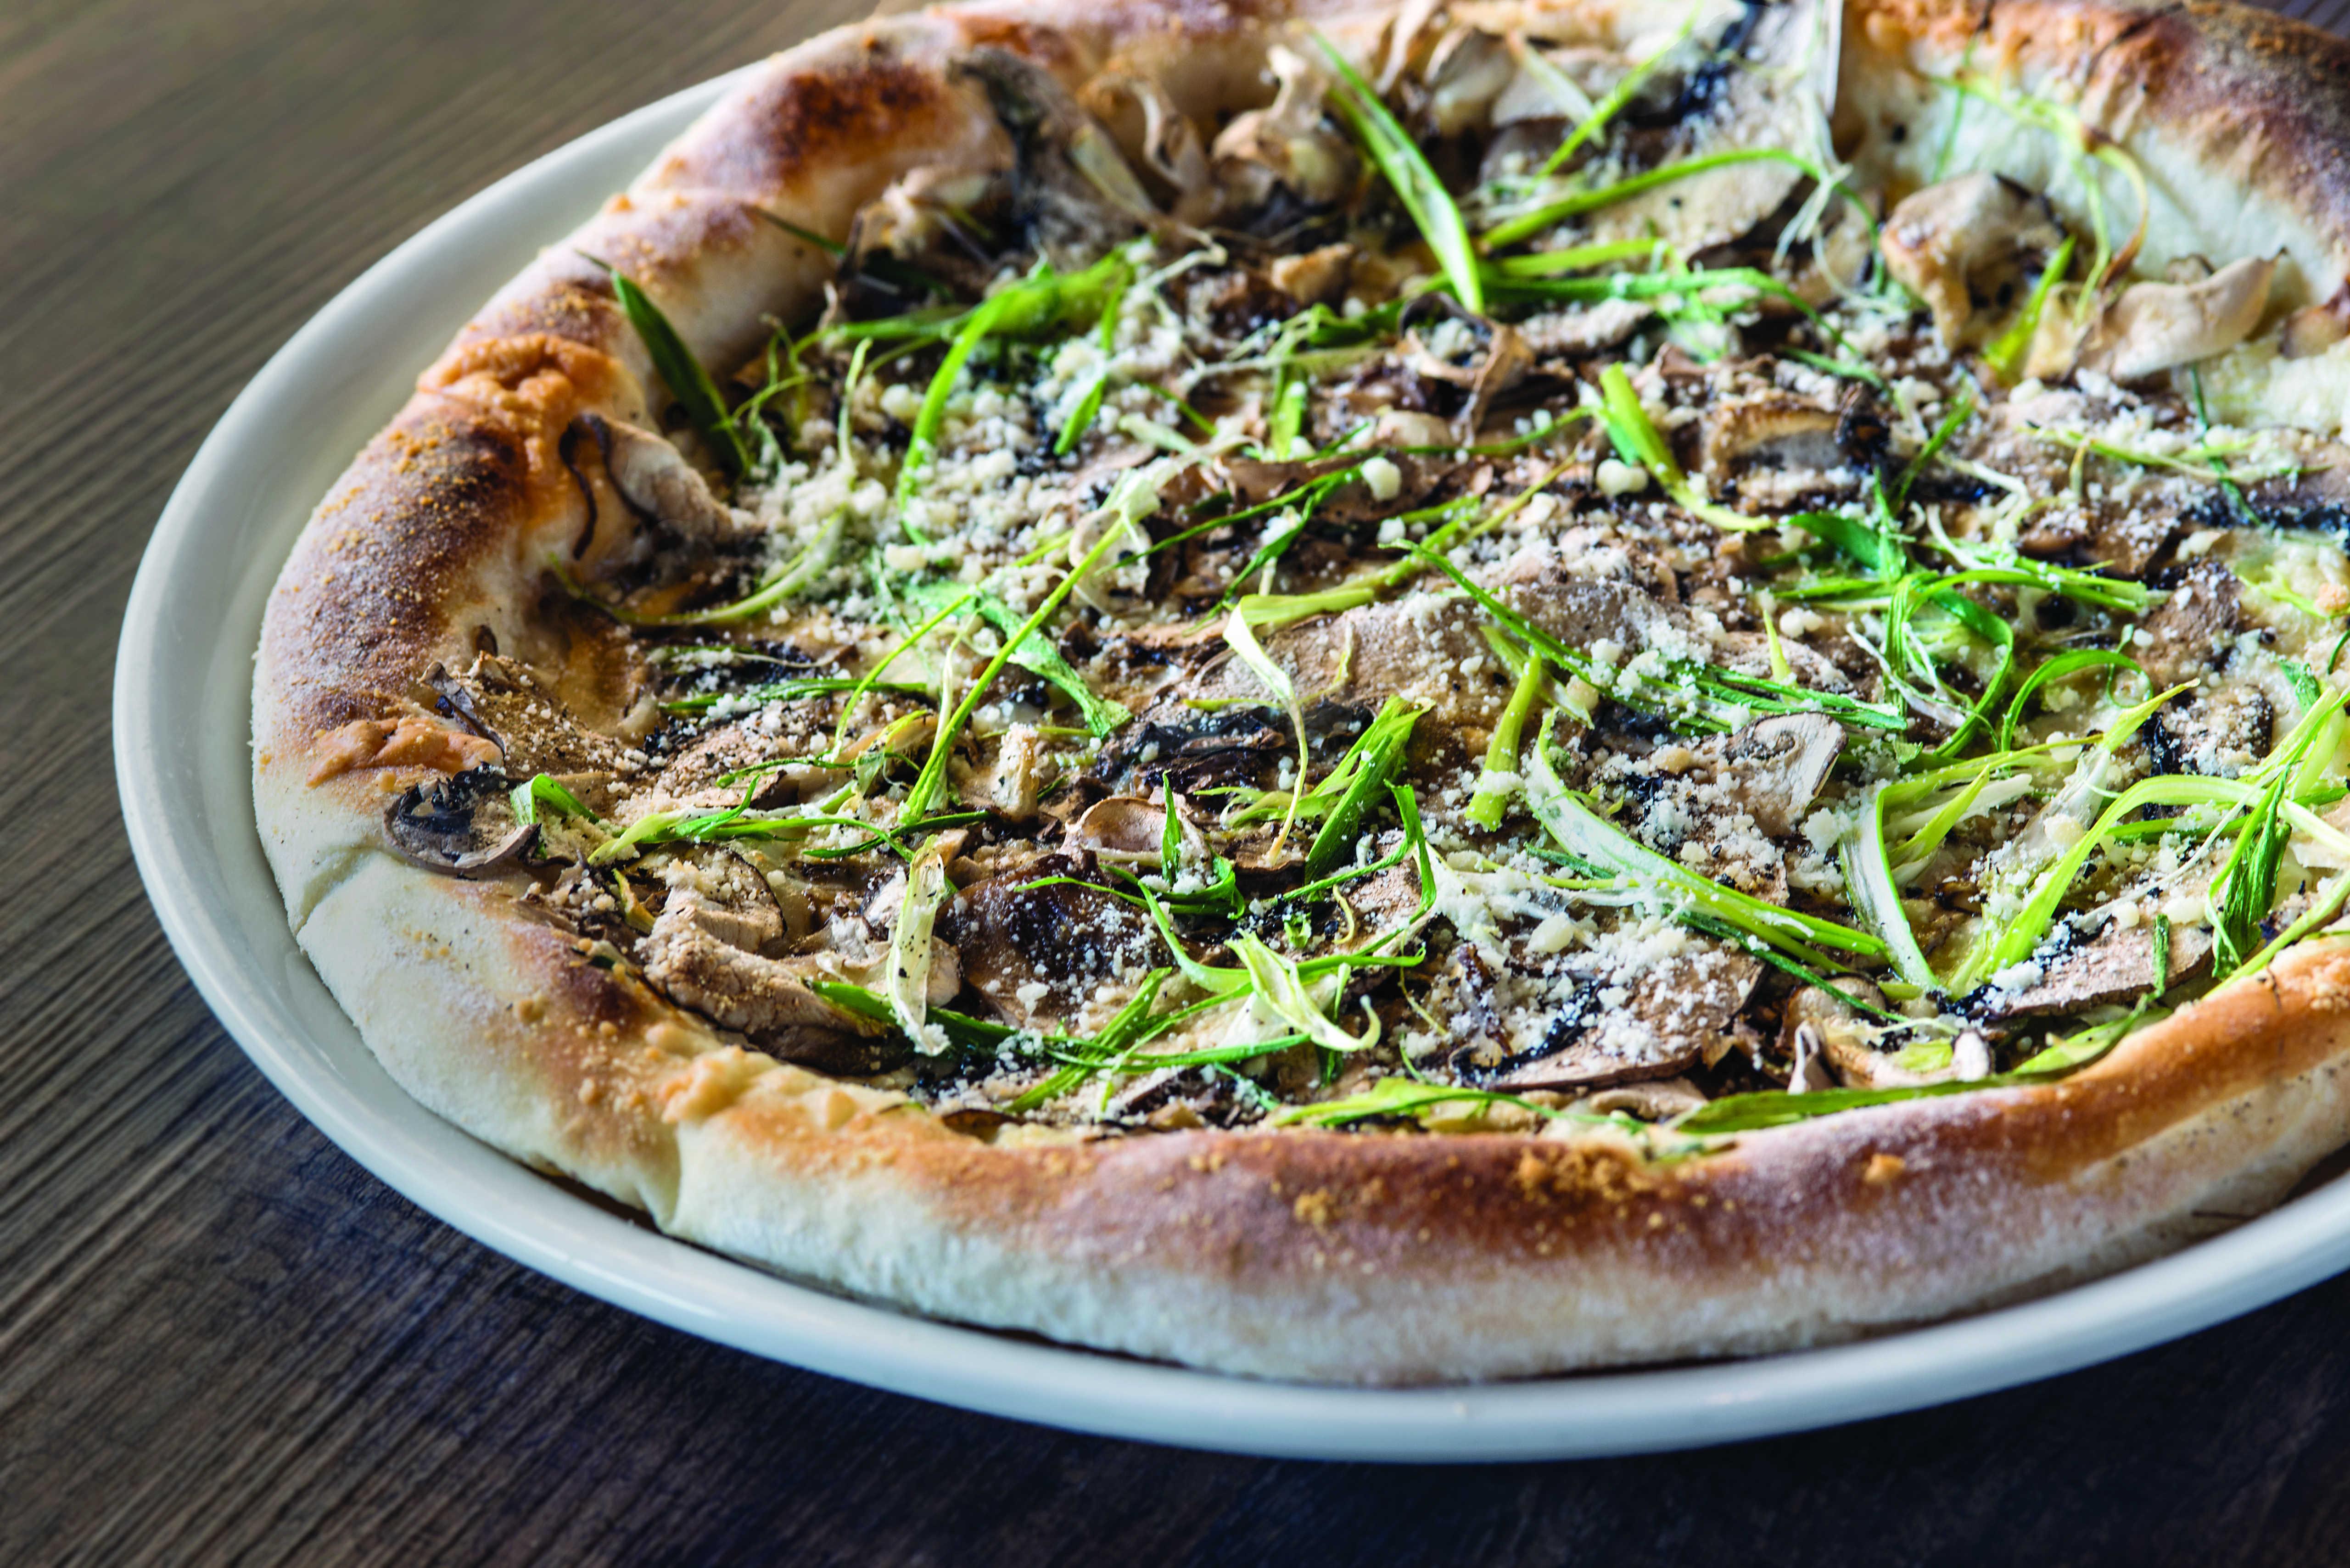 California Pizza Kitchen City Line Caviar